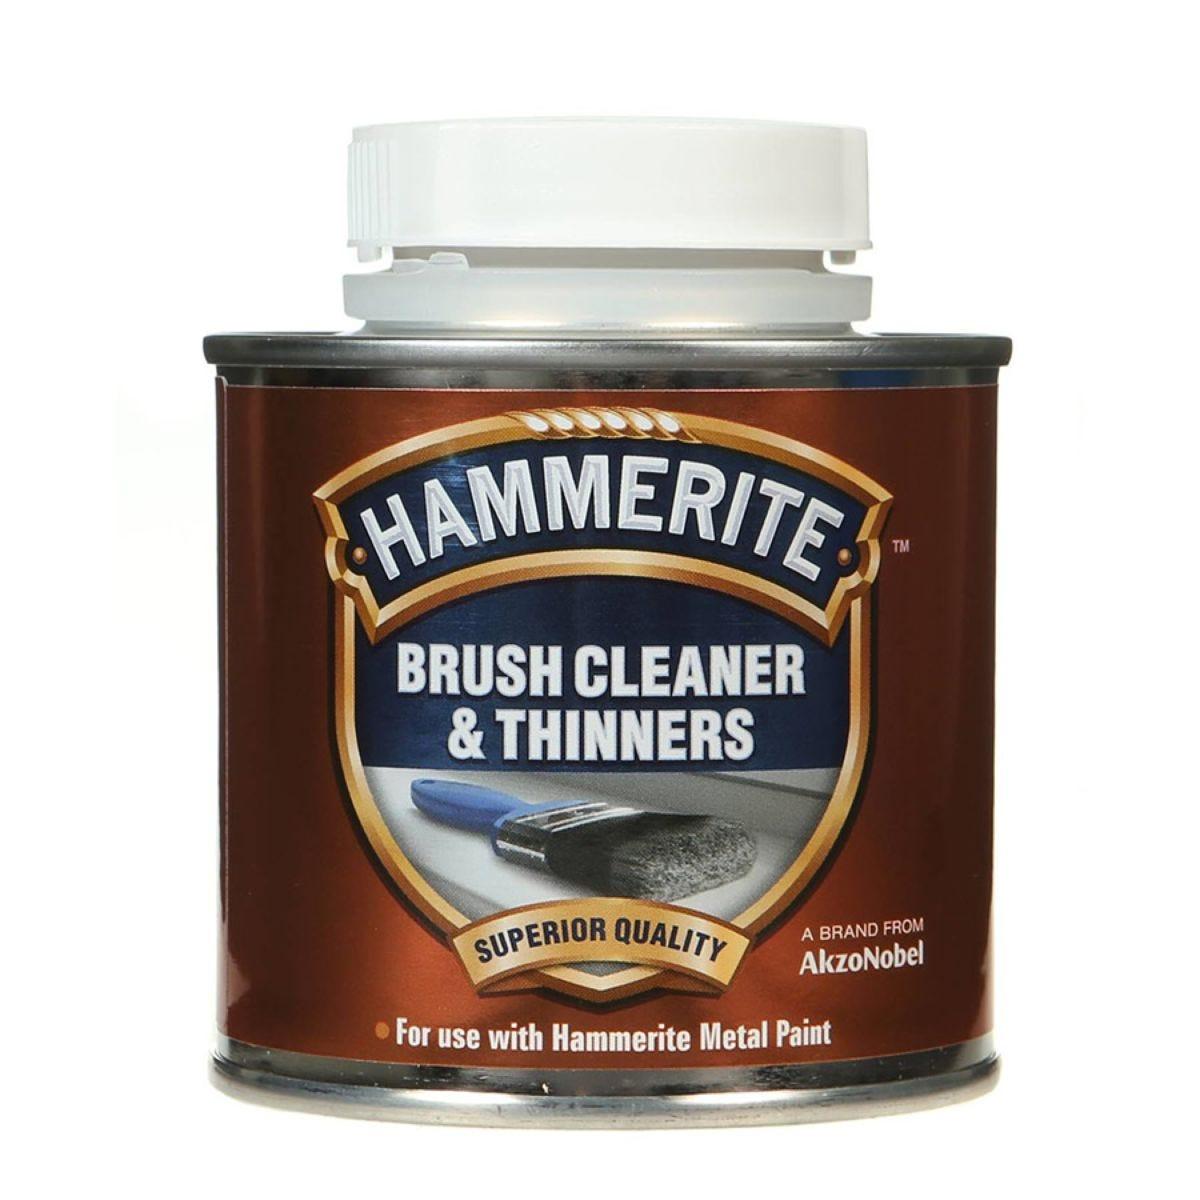 Hammerite Brush Cleaner & Thinners – 250ml